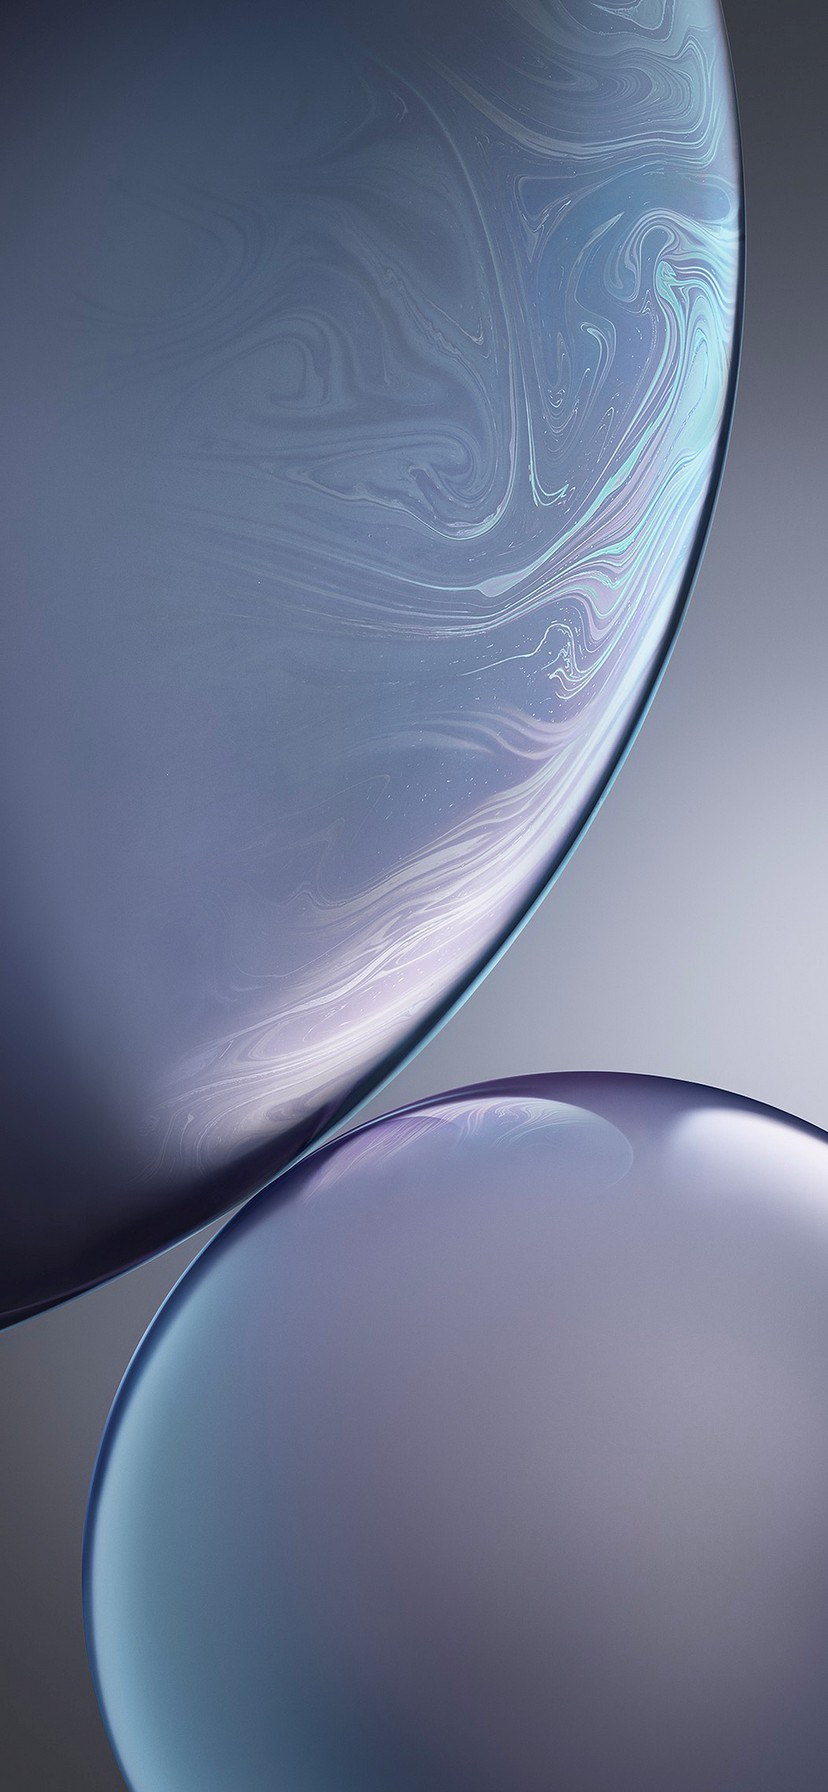 iPhone XR Wallpaper Größe   Hintergrundbilder   21x21 ...